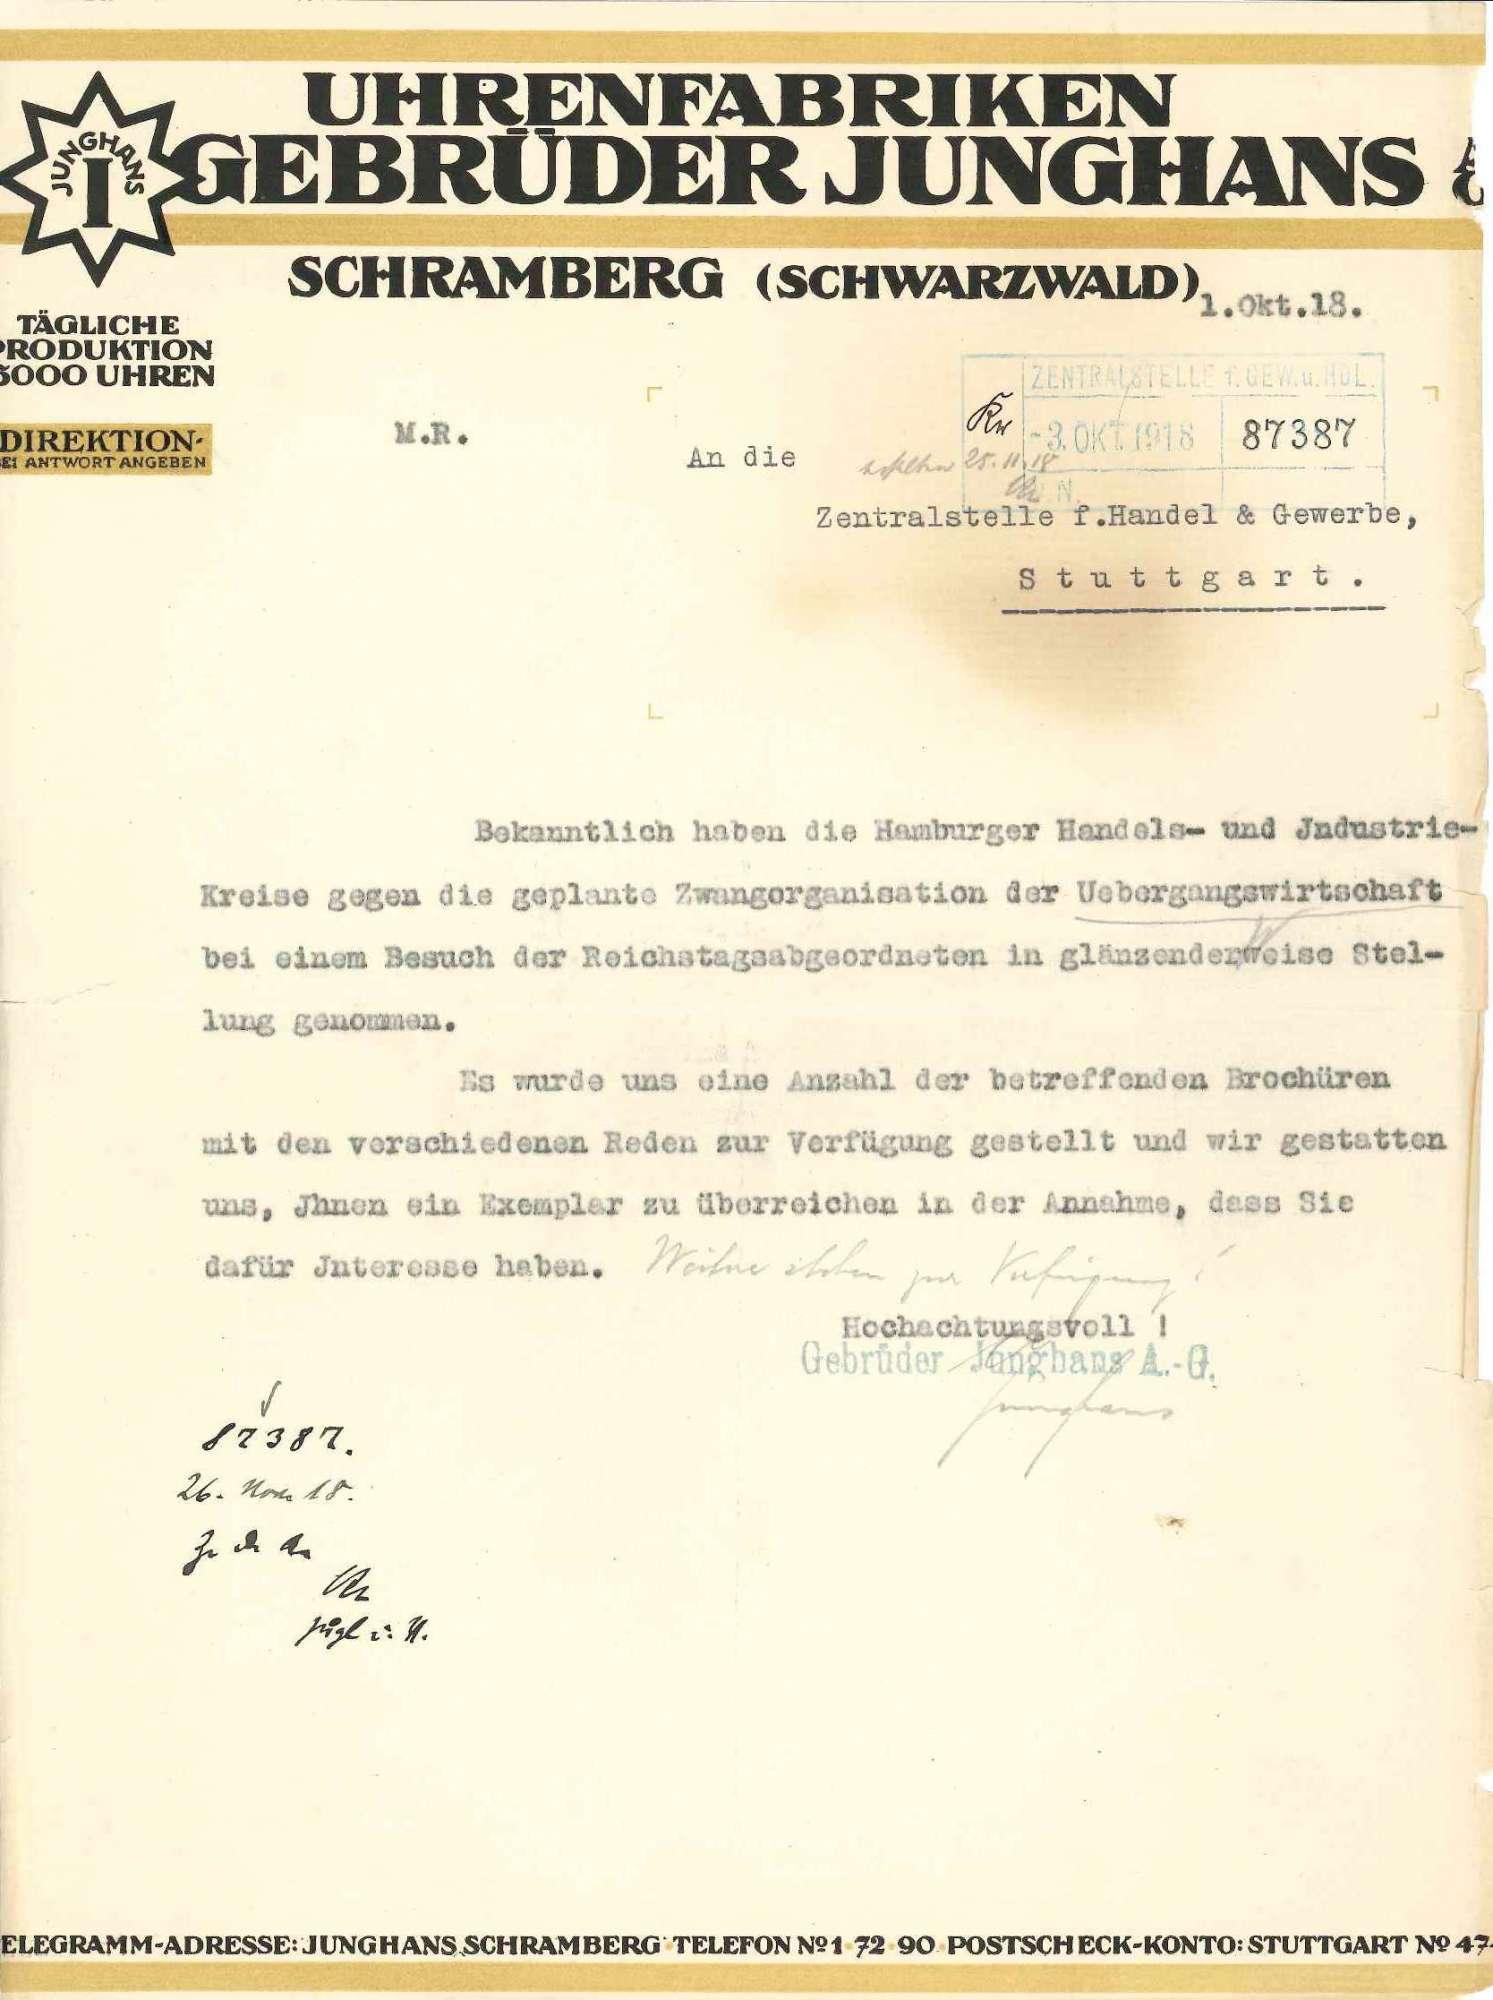 Eingaben und Äußerungen der Firma Gebrüder Junghans AG, Uhrenfabriken in Schramberg, betr. die Durchführung der Übergangswirtschaft in Bezug auf die Beschaffung von Rohstoffen, Bild 2